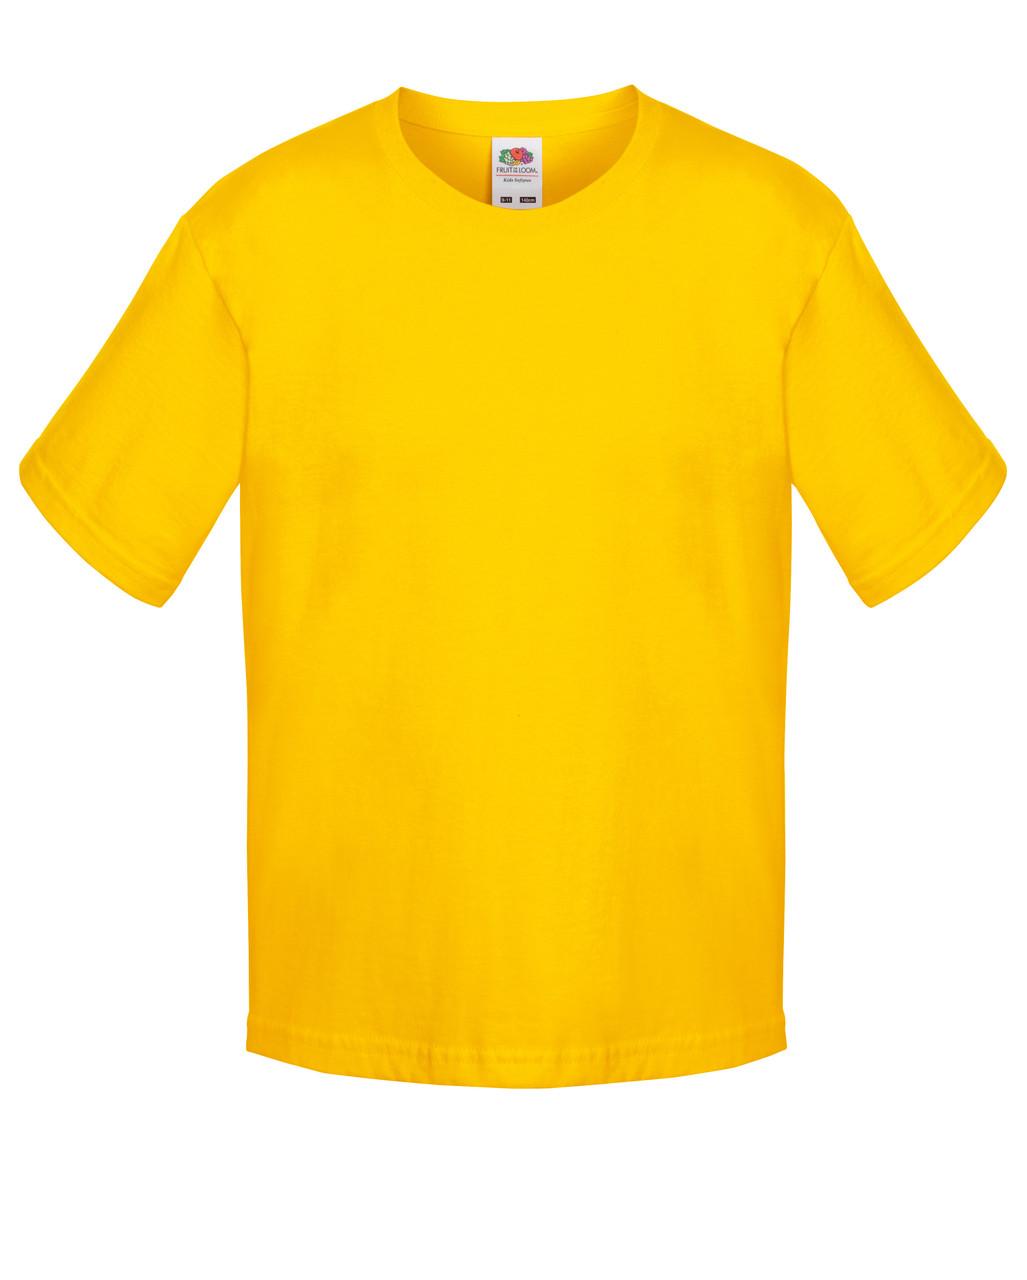 Детская футболка Мягкая для Мальчиков Солнечно-жёлтая Fruit of the loom 61-015-34 7-8